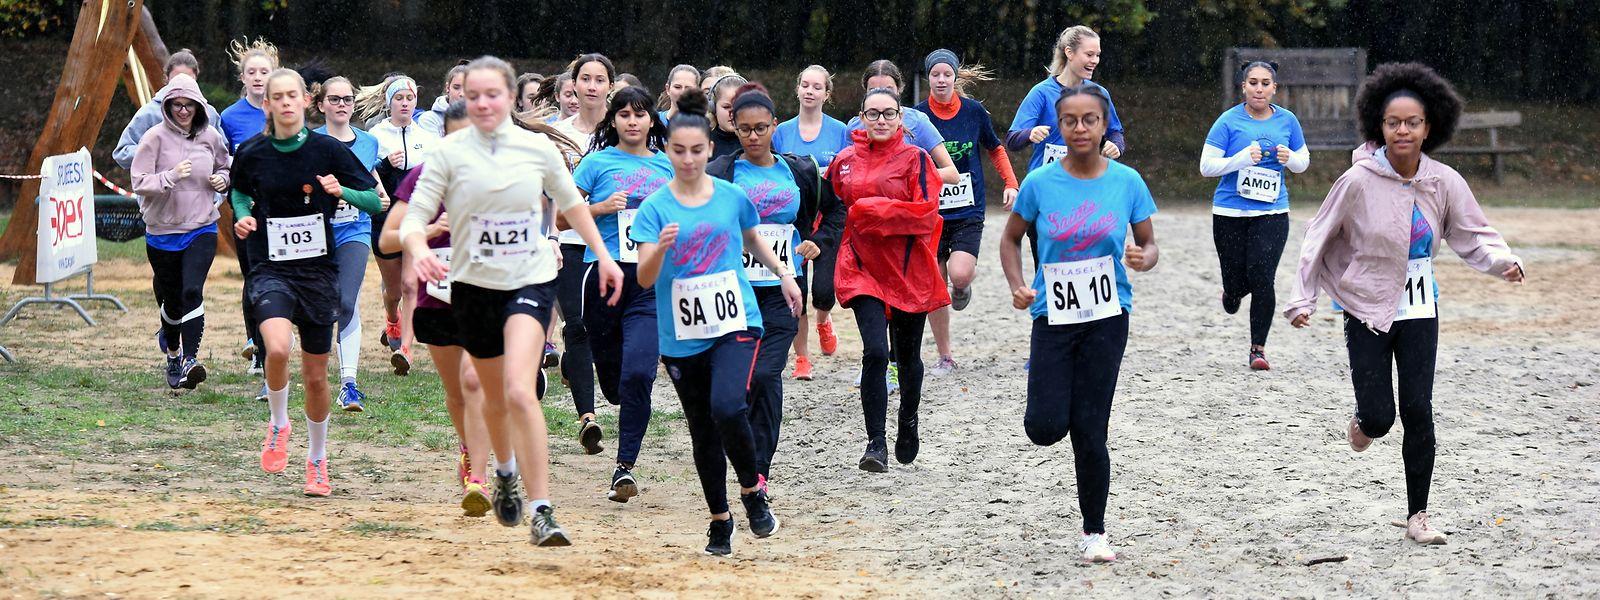 Die Mädchen und Jungen sind trotz schlechten Wetters hoch motiviert.